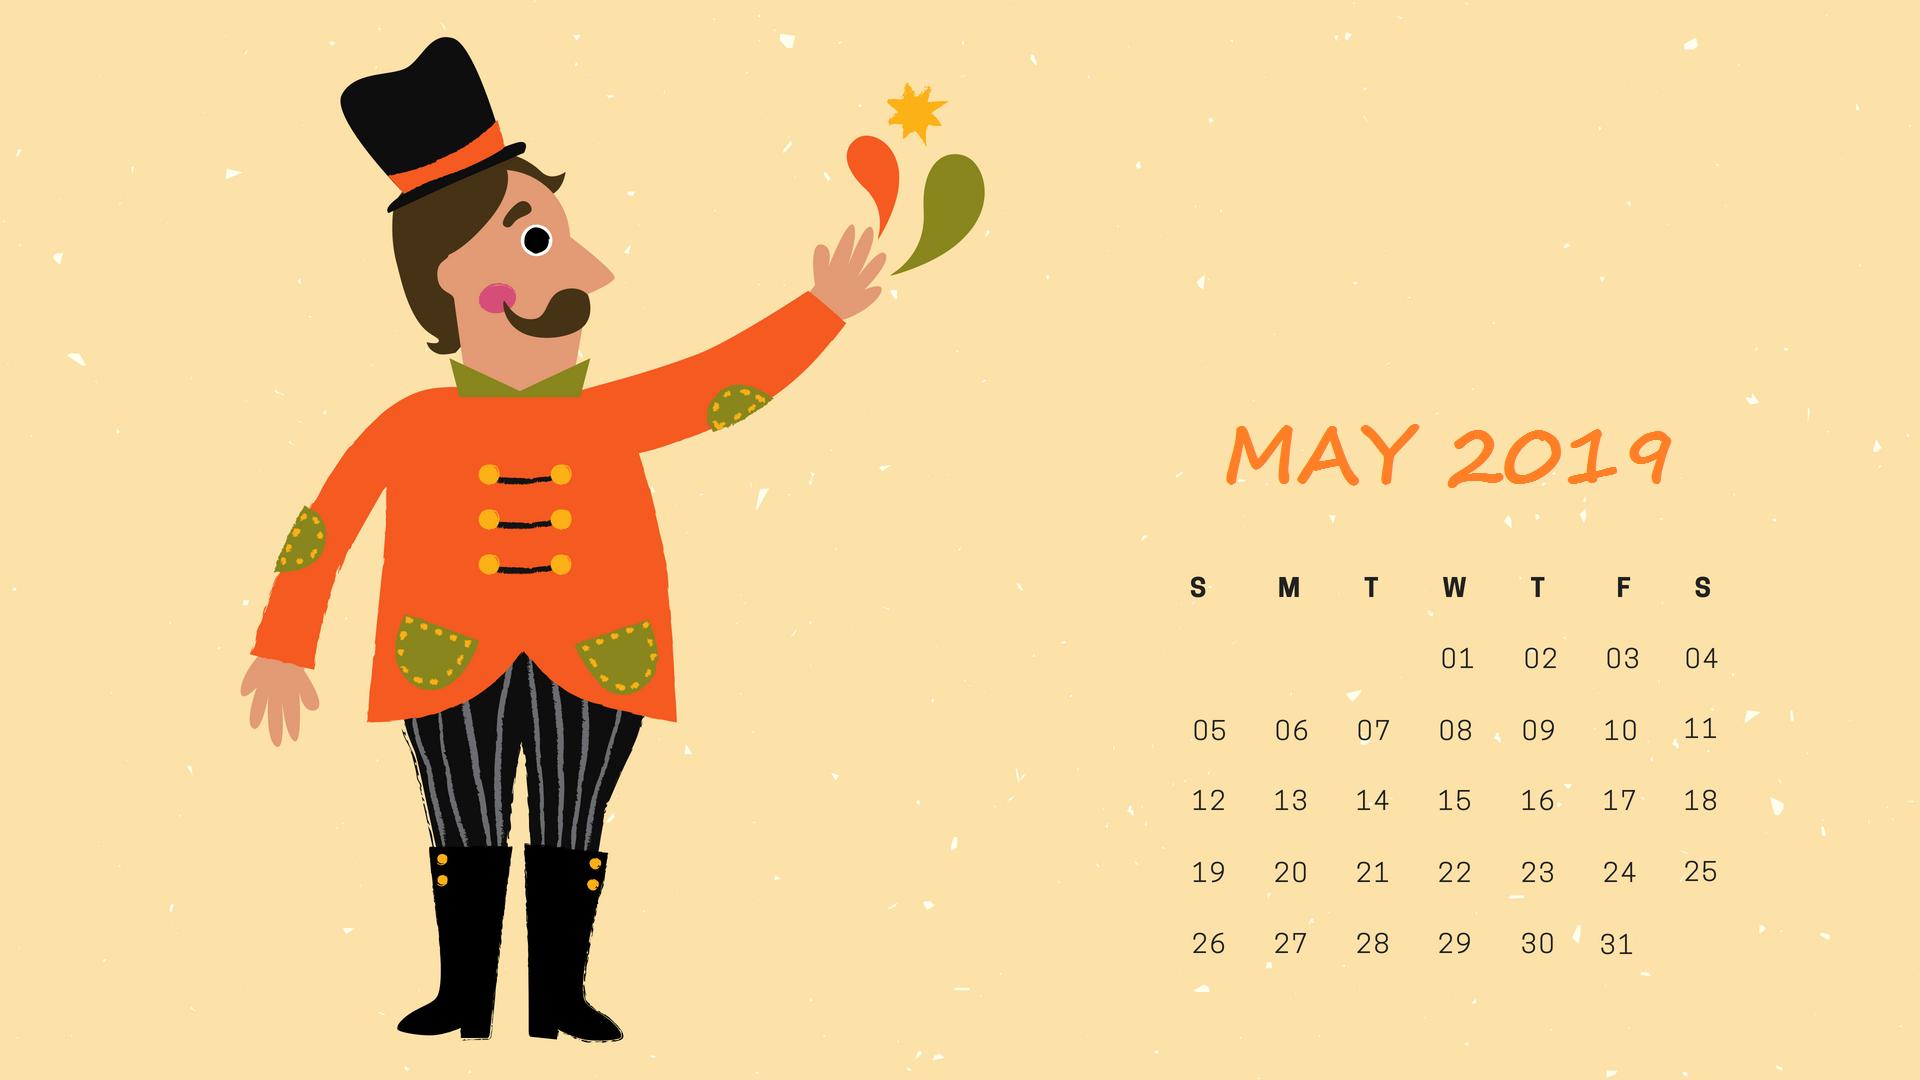 Download May 2019 Calendar Wallpaper